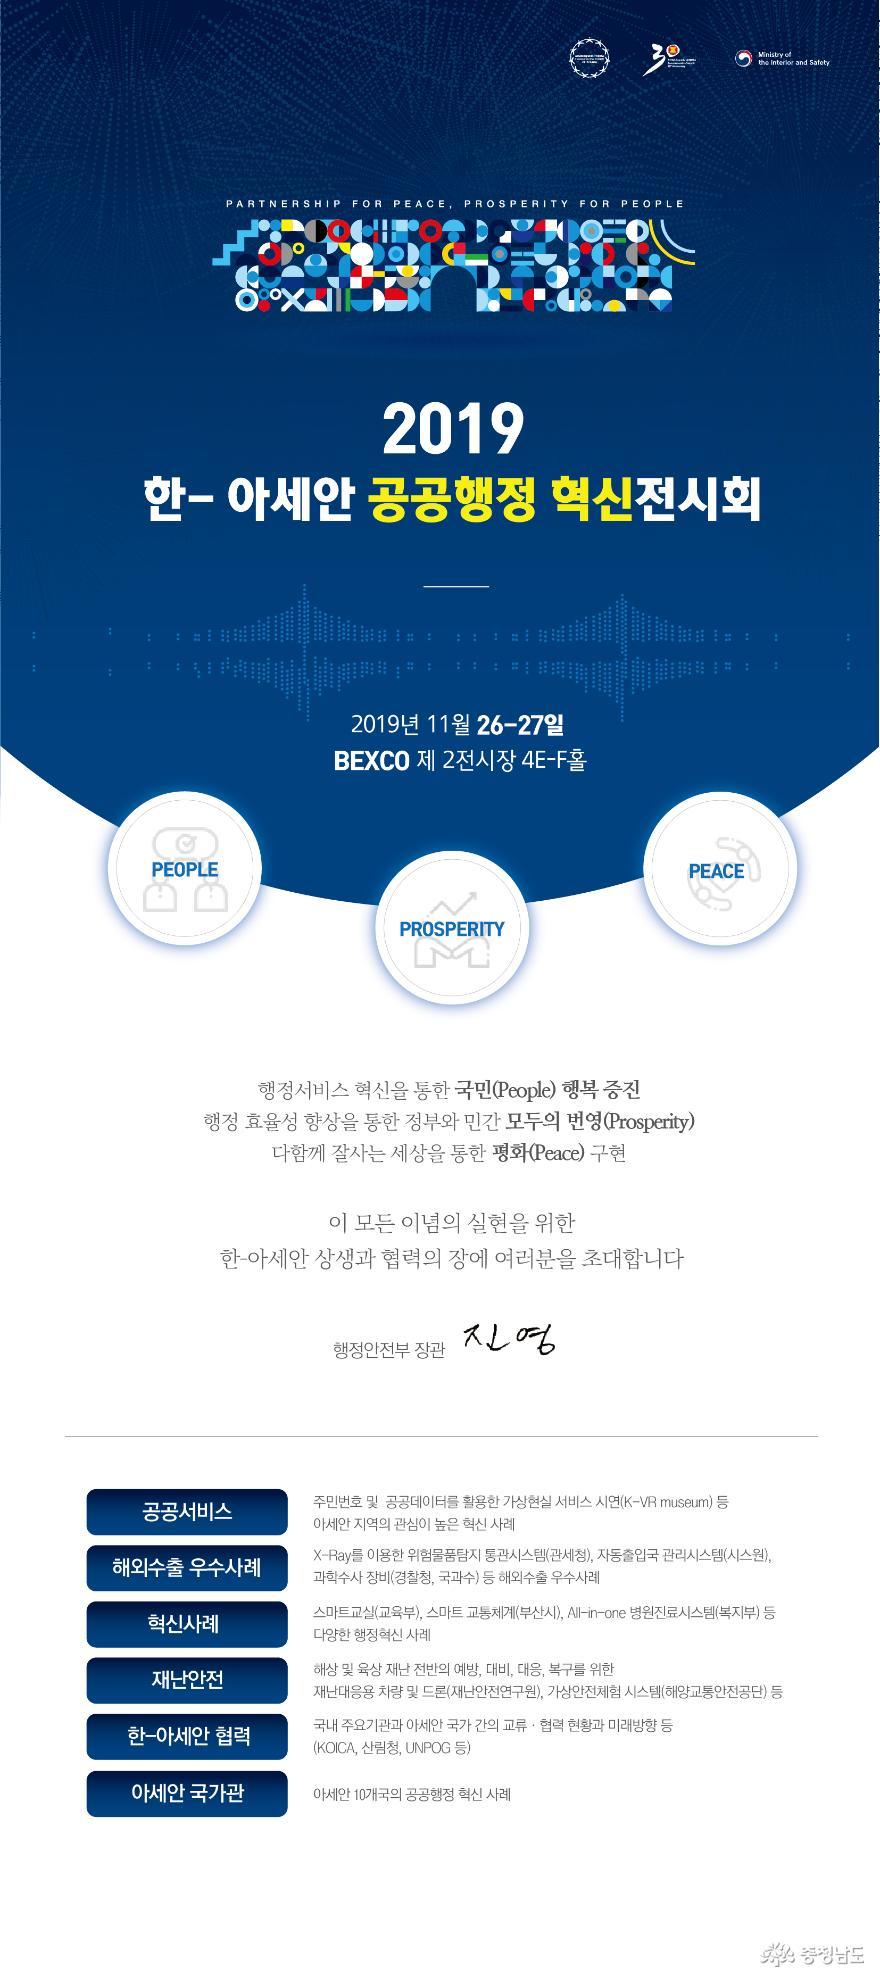 한-아세안 공공행정 혁신전시회 및 행정장관회의